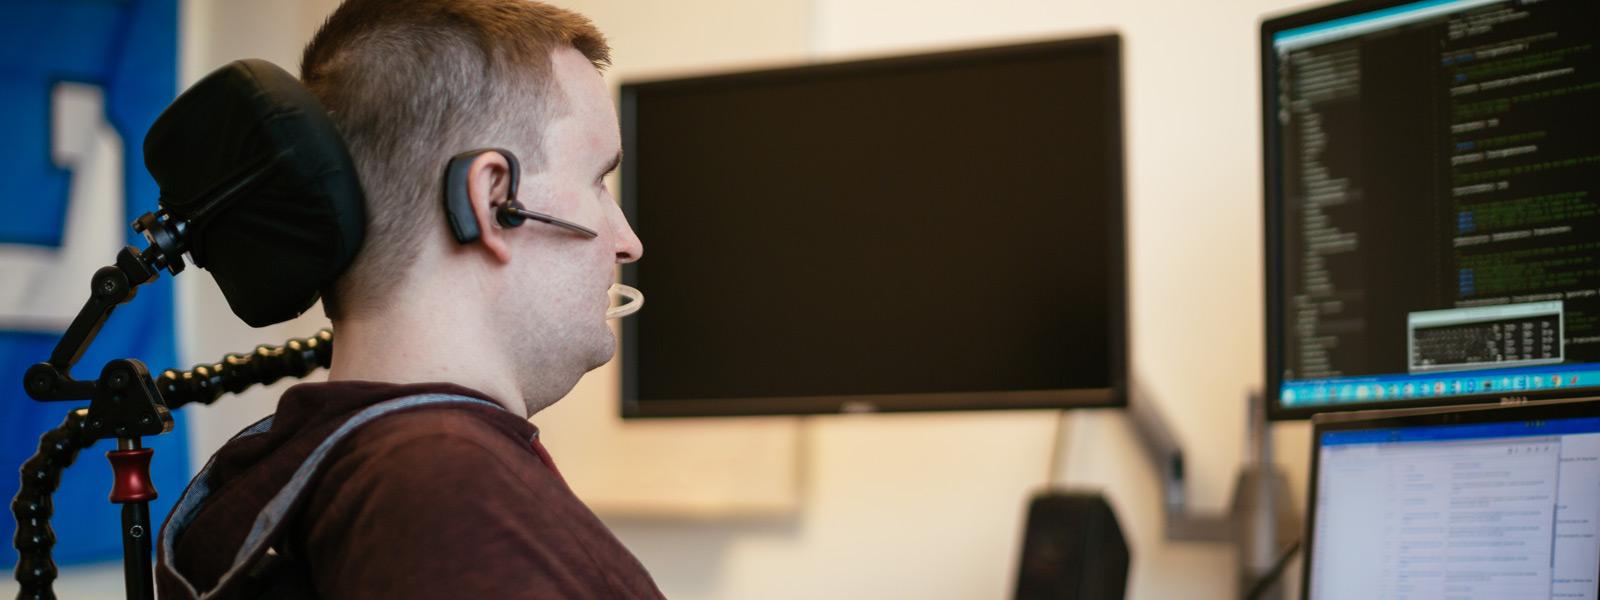 Людина за столом використовує спеціальні апаратні засоби, щоб керувати Windows 10 поглядом